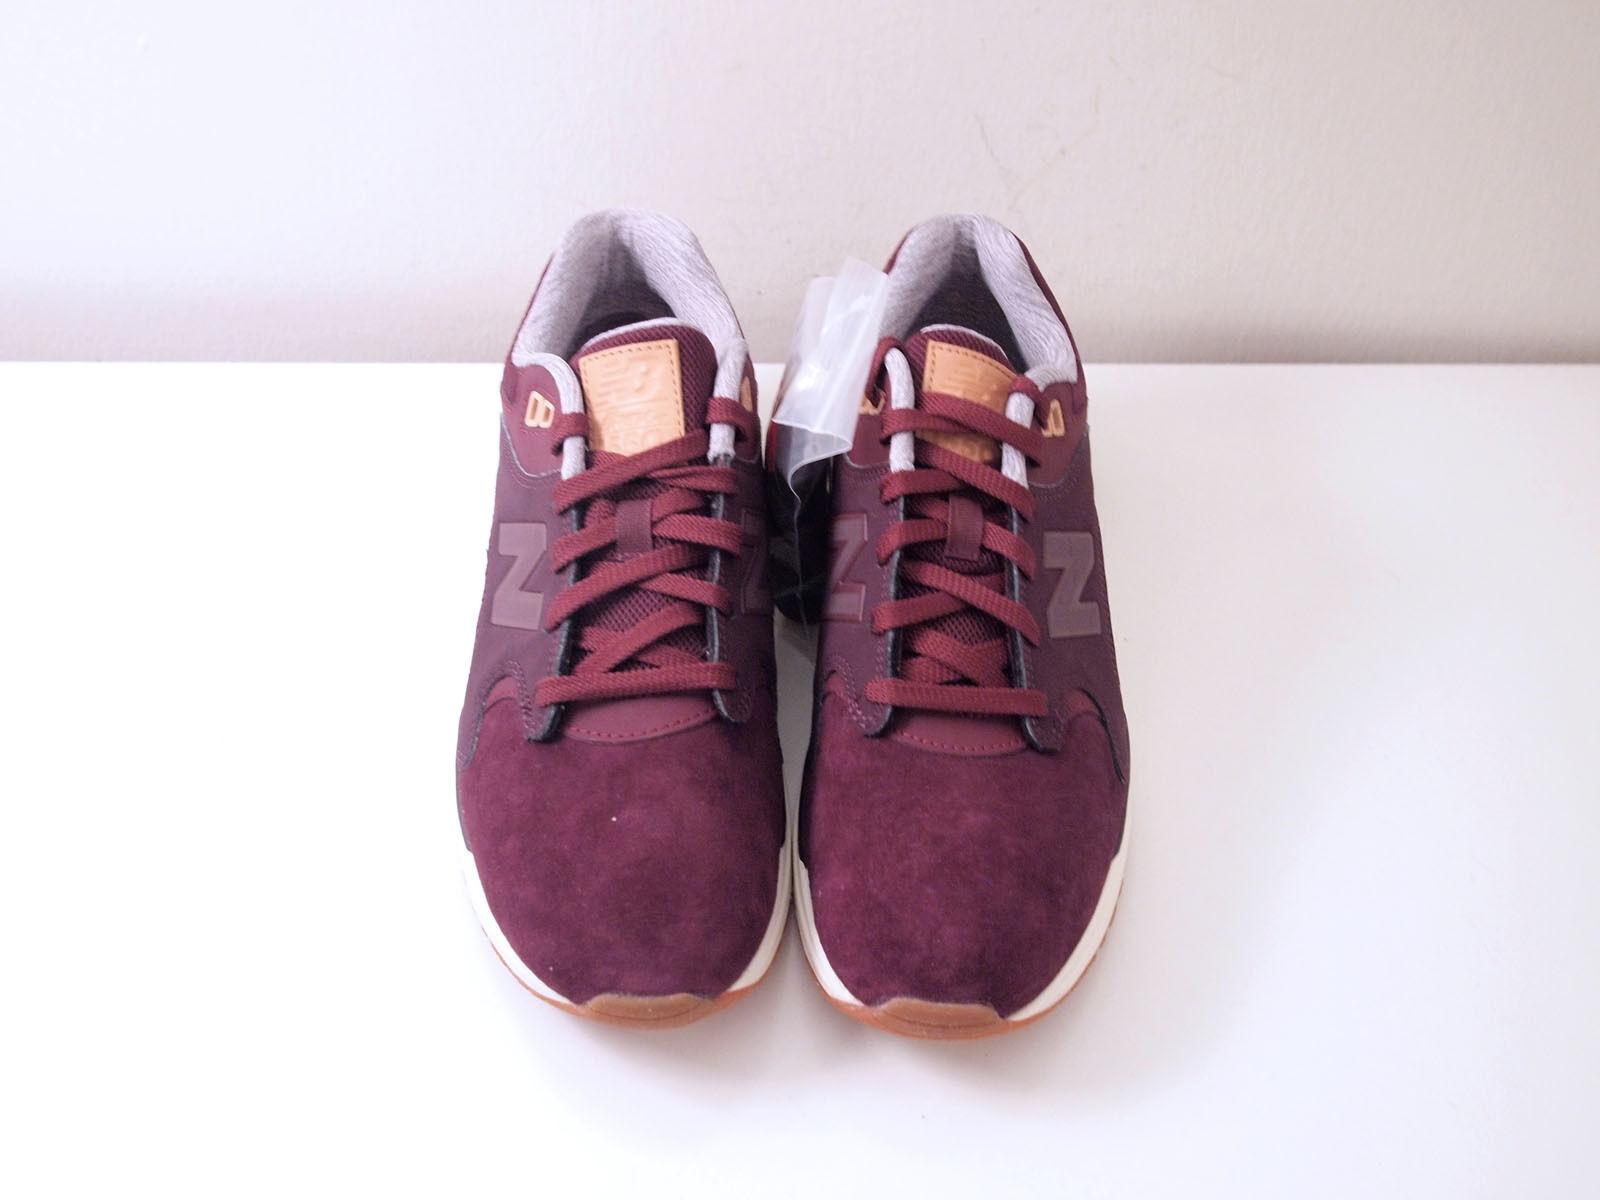 Zapatillas para hombre US8.5/Eur42 Talla New Balance 2018 US8.5/Eur42 hombre e2aa40